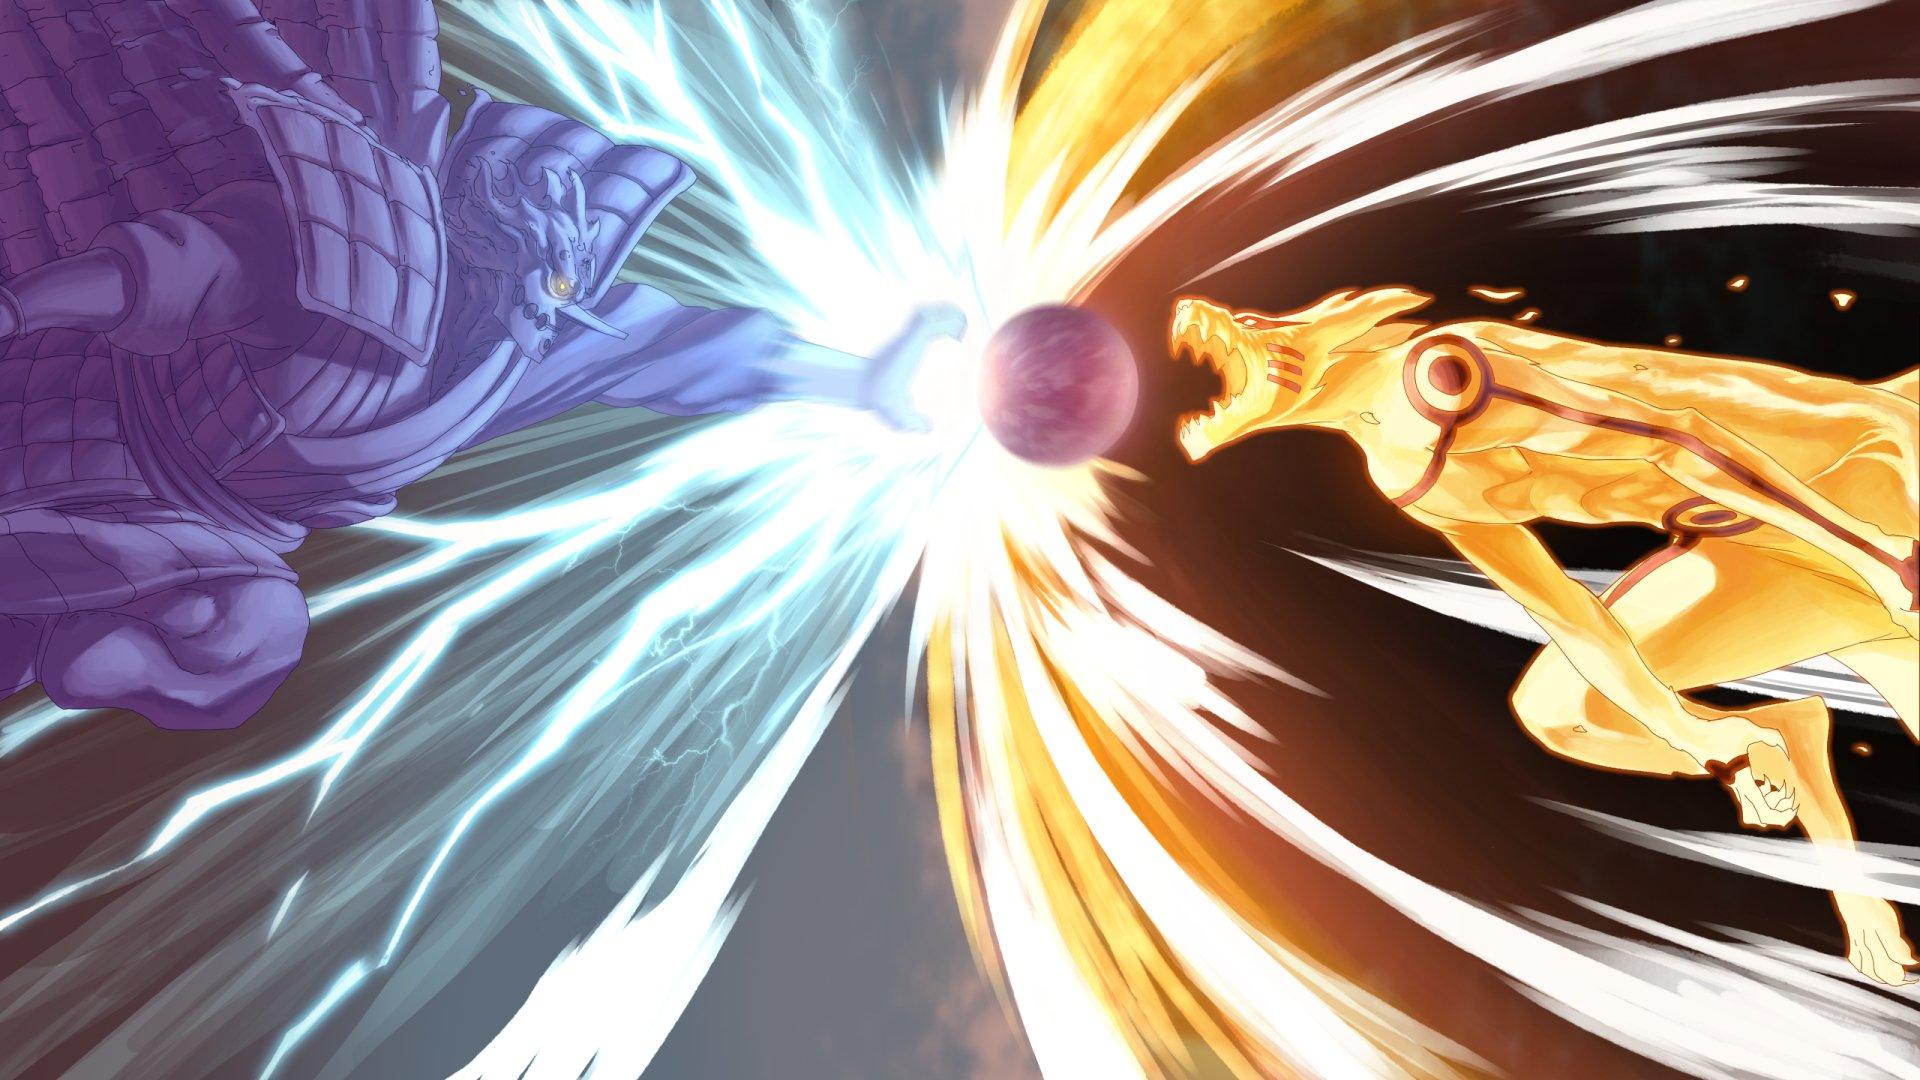 动漫 - 火影忍者  Kurama (Naruto) Kyūbi (Naruto) Susanoo (Naruto) 忍者 动漫 壁纸